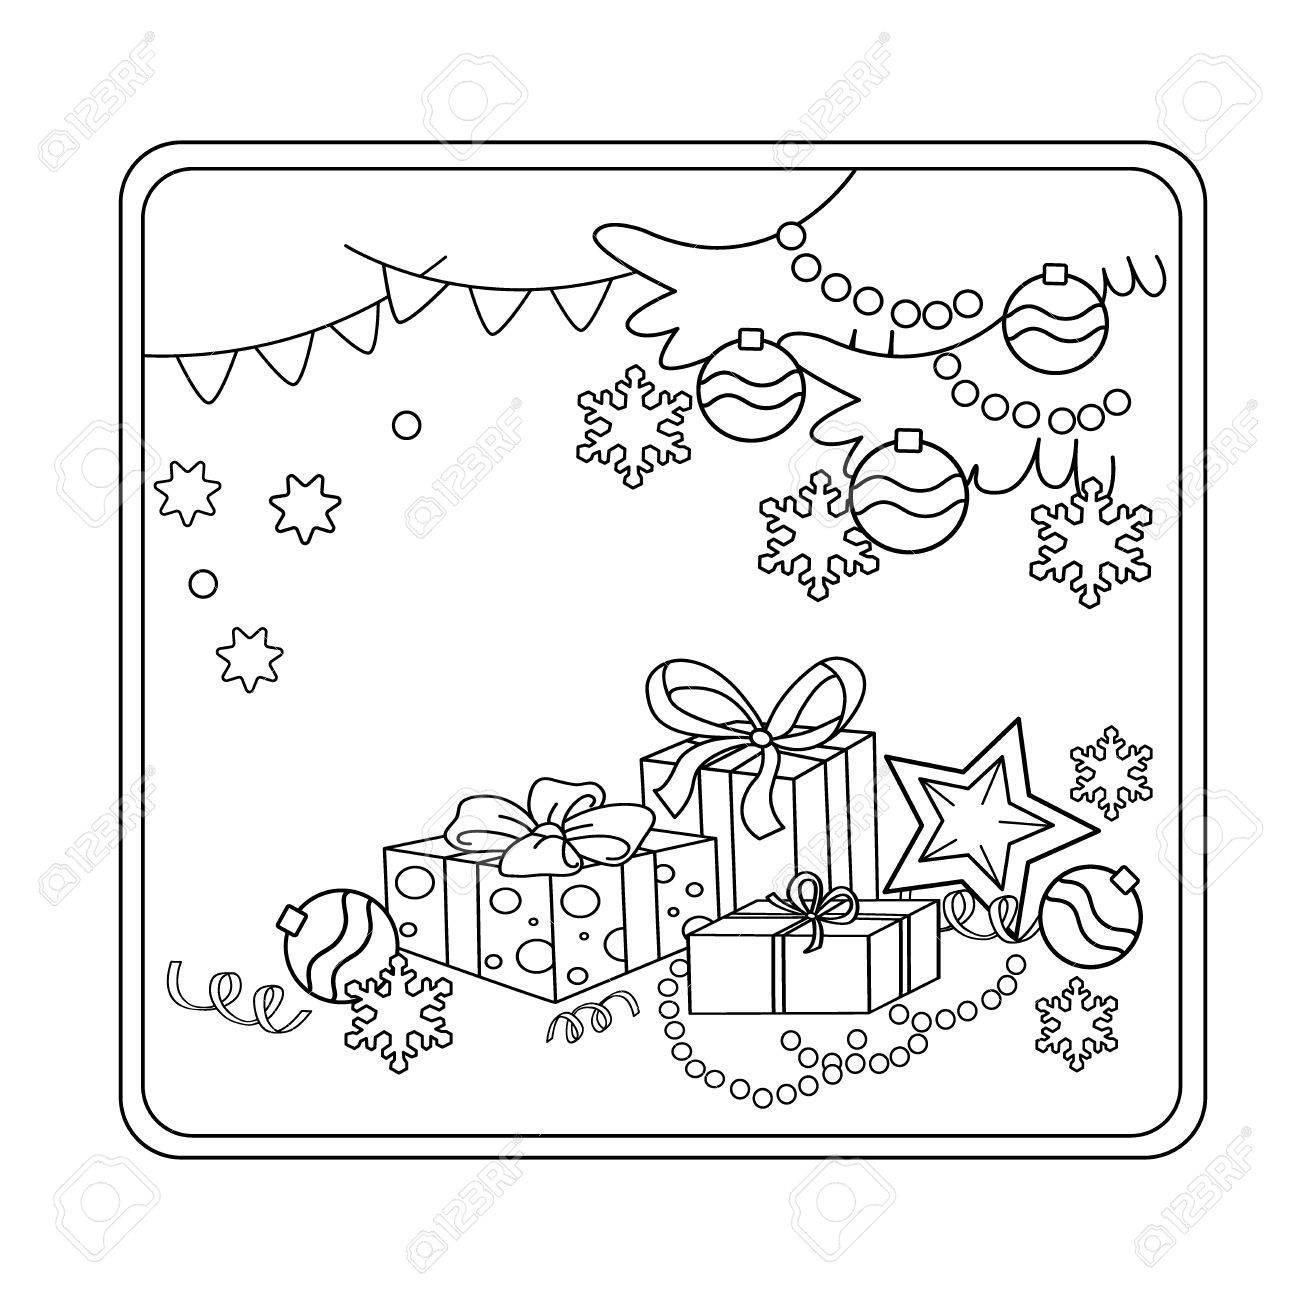 Página Para Colorear Esquema De Dibujos Animados Adornos De Navidad Y Regalos Navidad Año Nuevo Libro De Colorear Para Niños